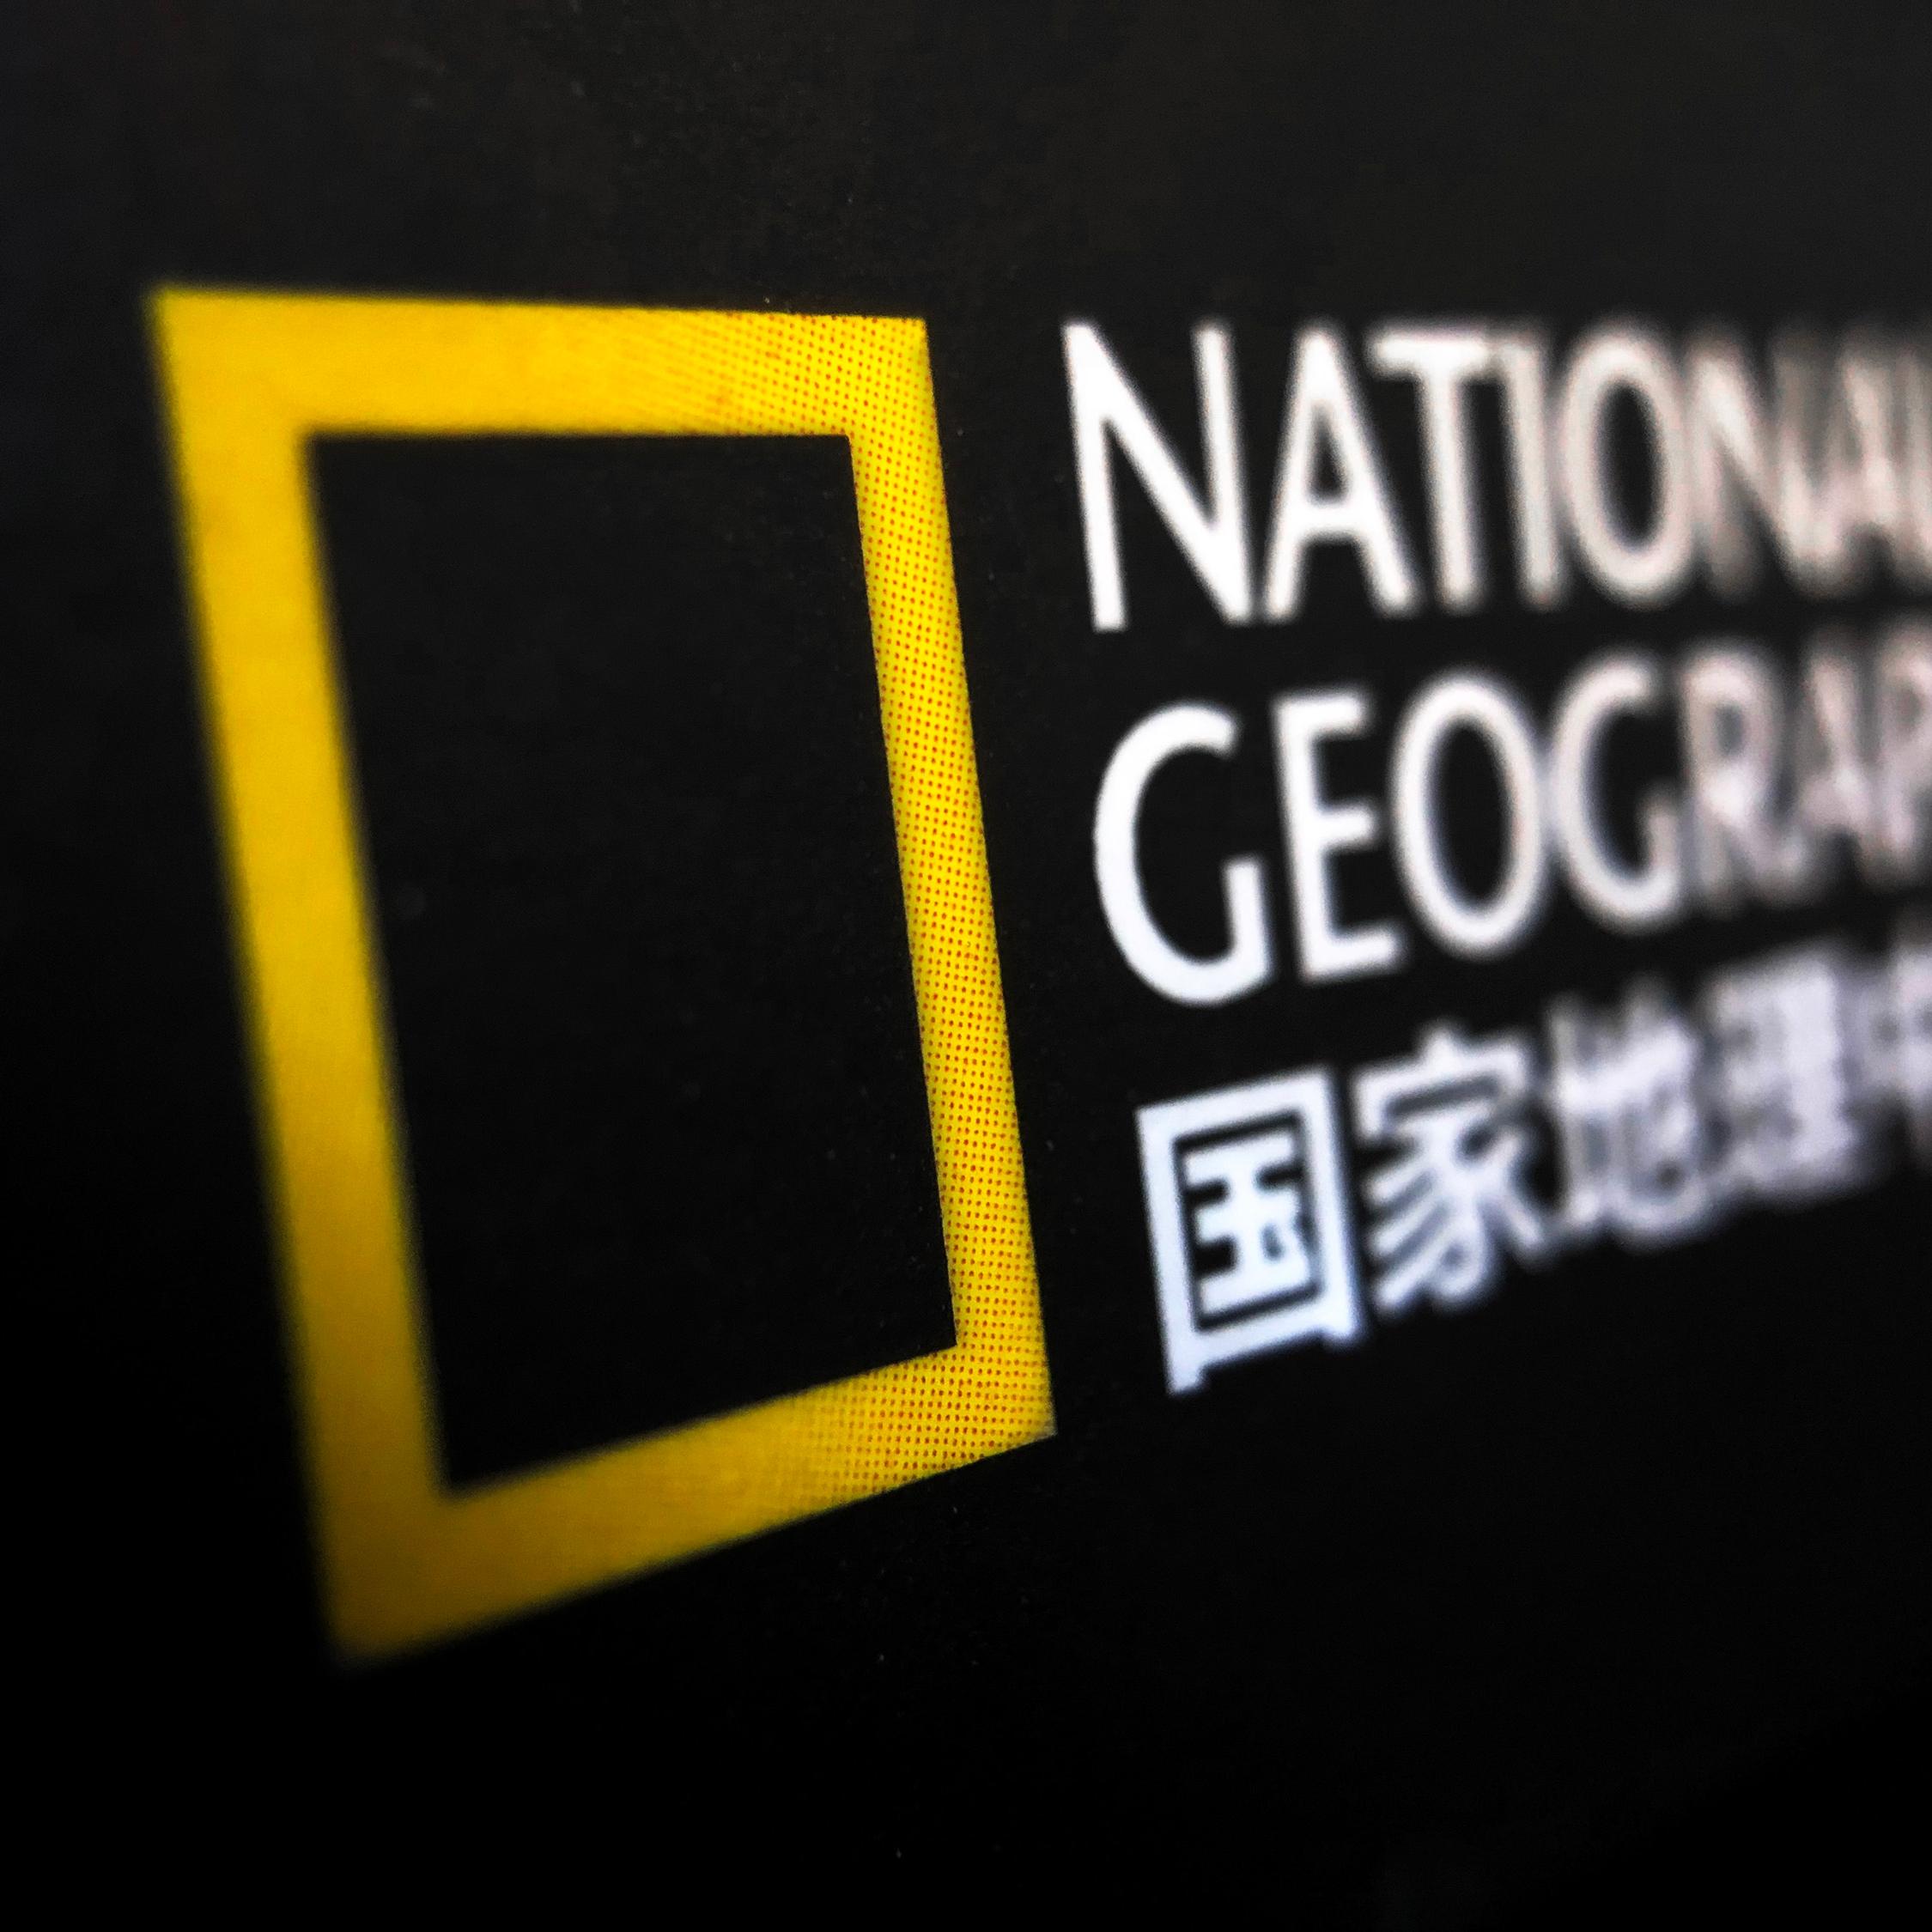 【2021美国国-家地理日历】National Geographic正版授权,365张大片365个纪念日,人人都是探险家 商品图0